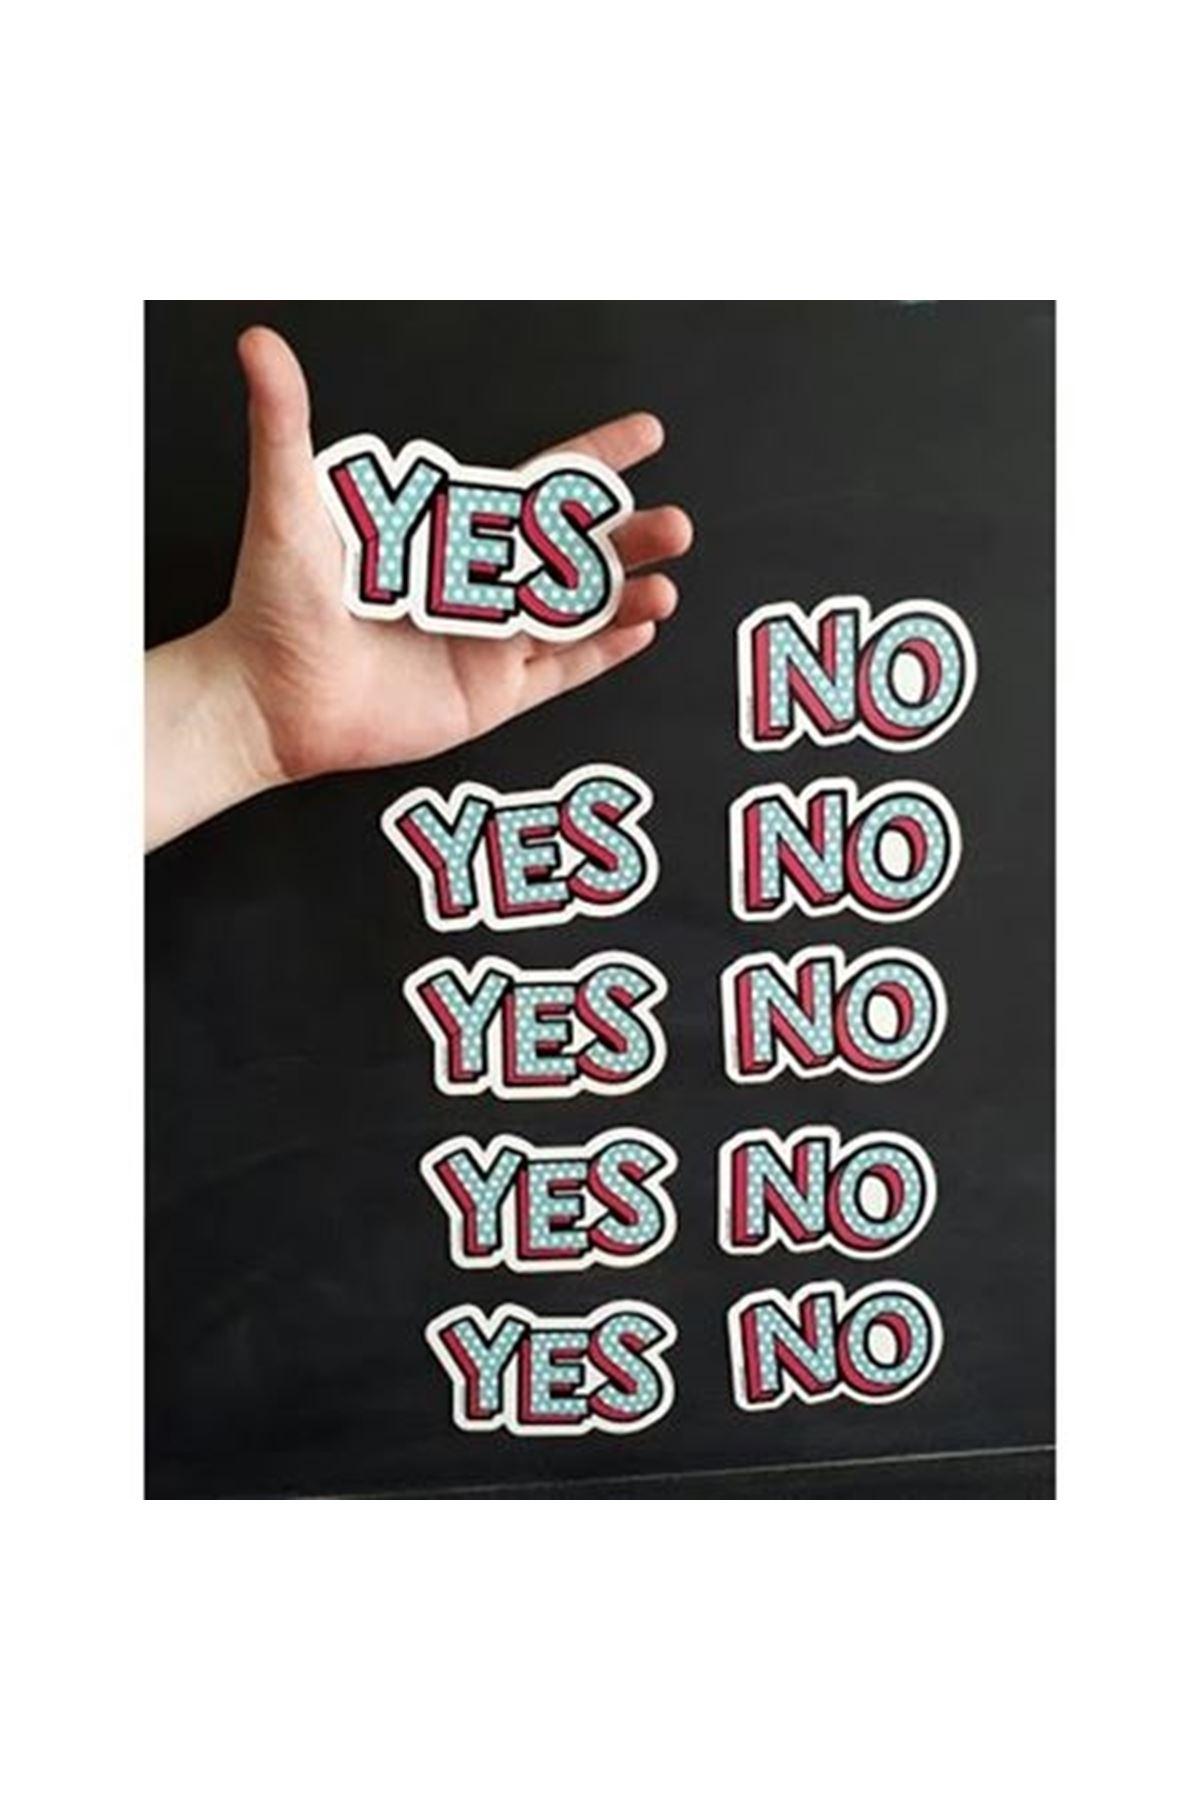 Yes-No set